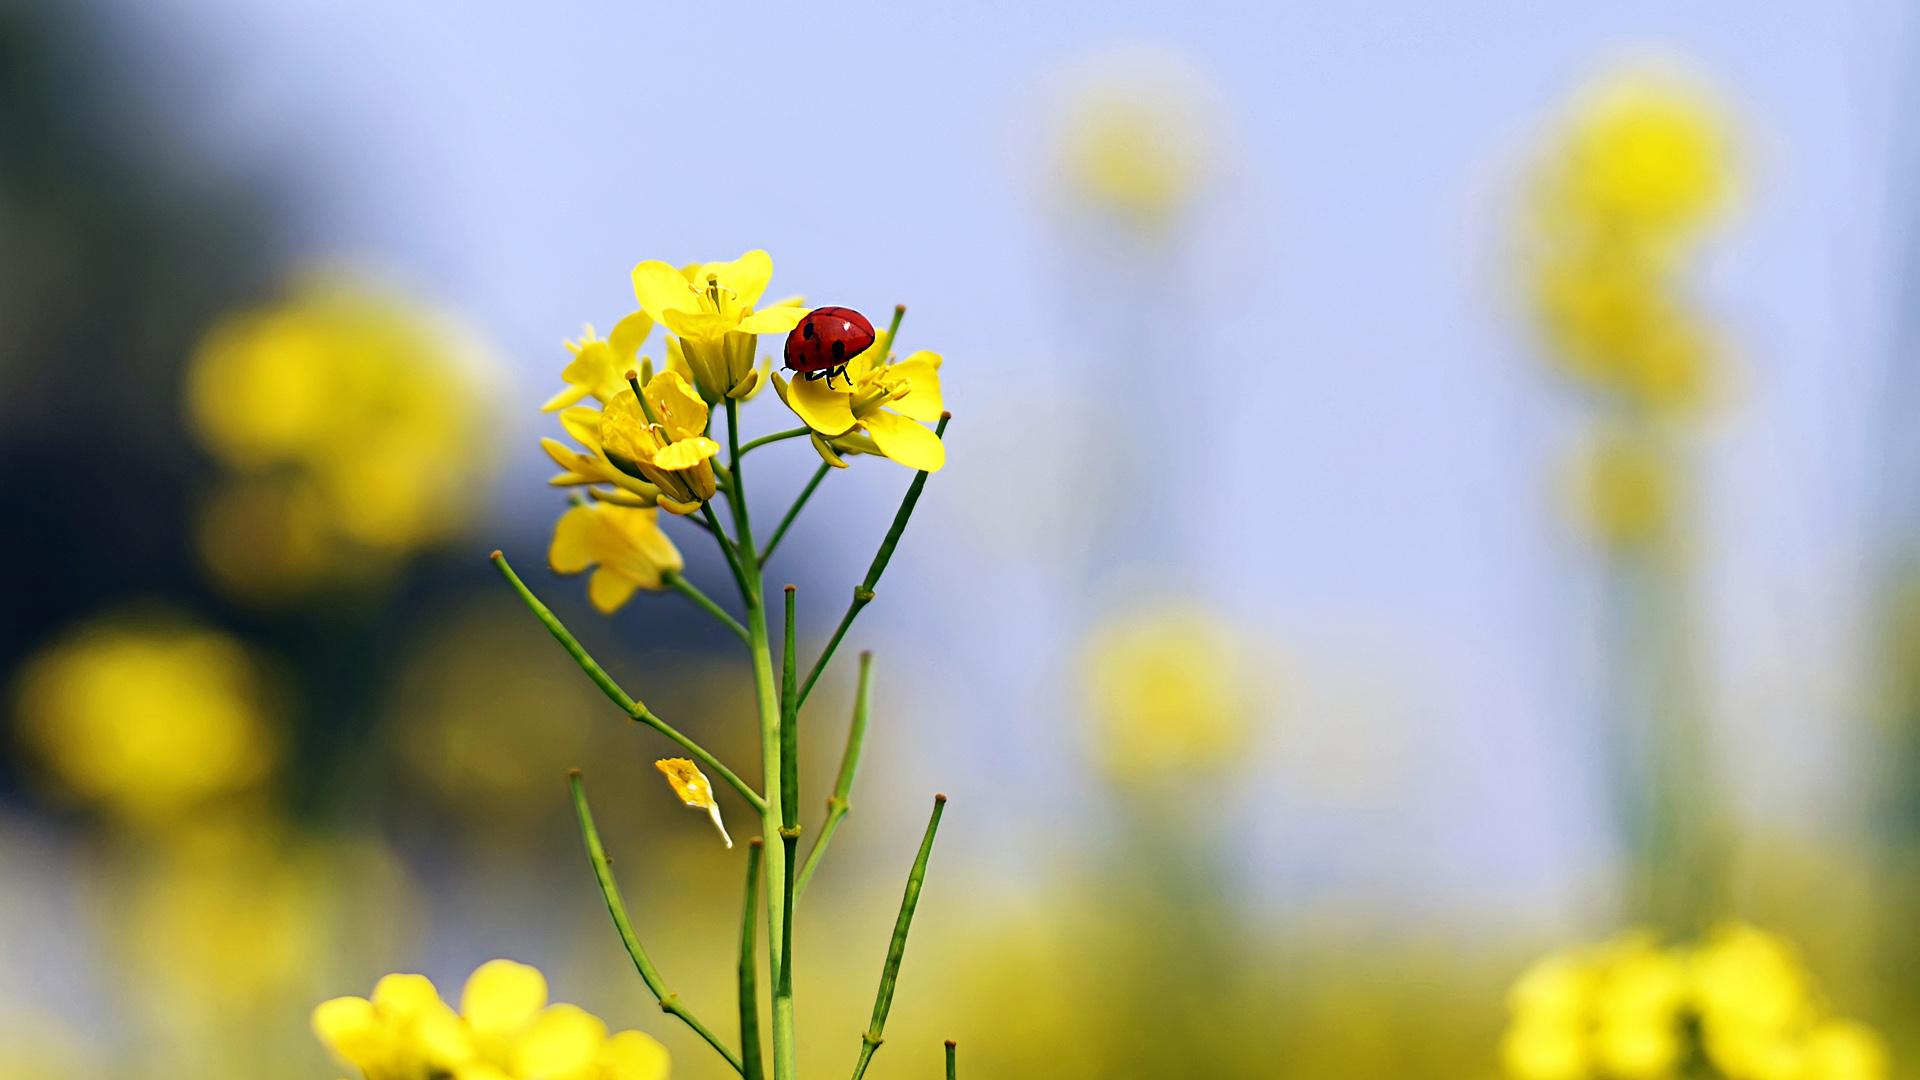 Божья коровка на жёлтых цветах